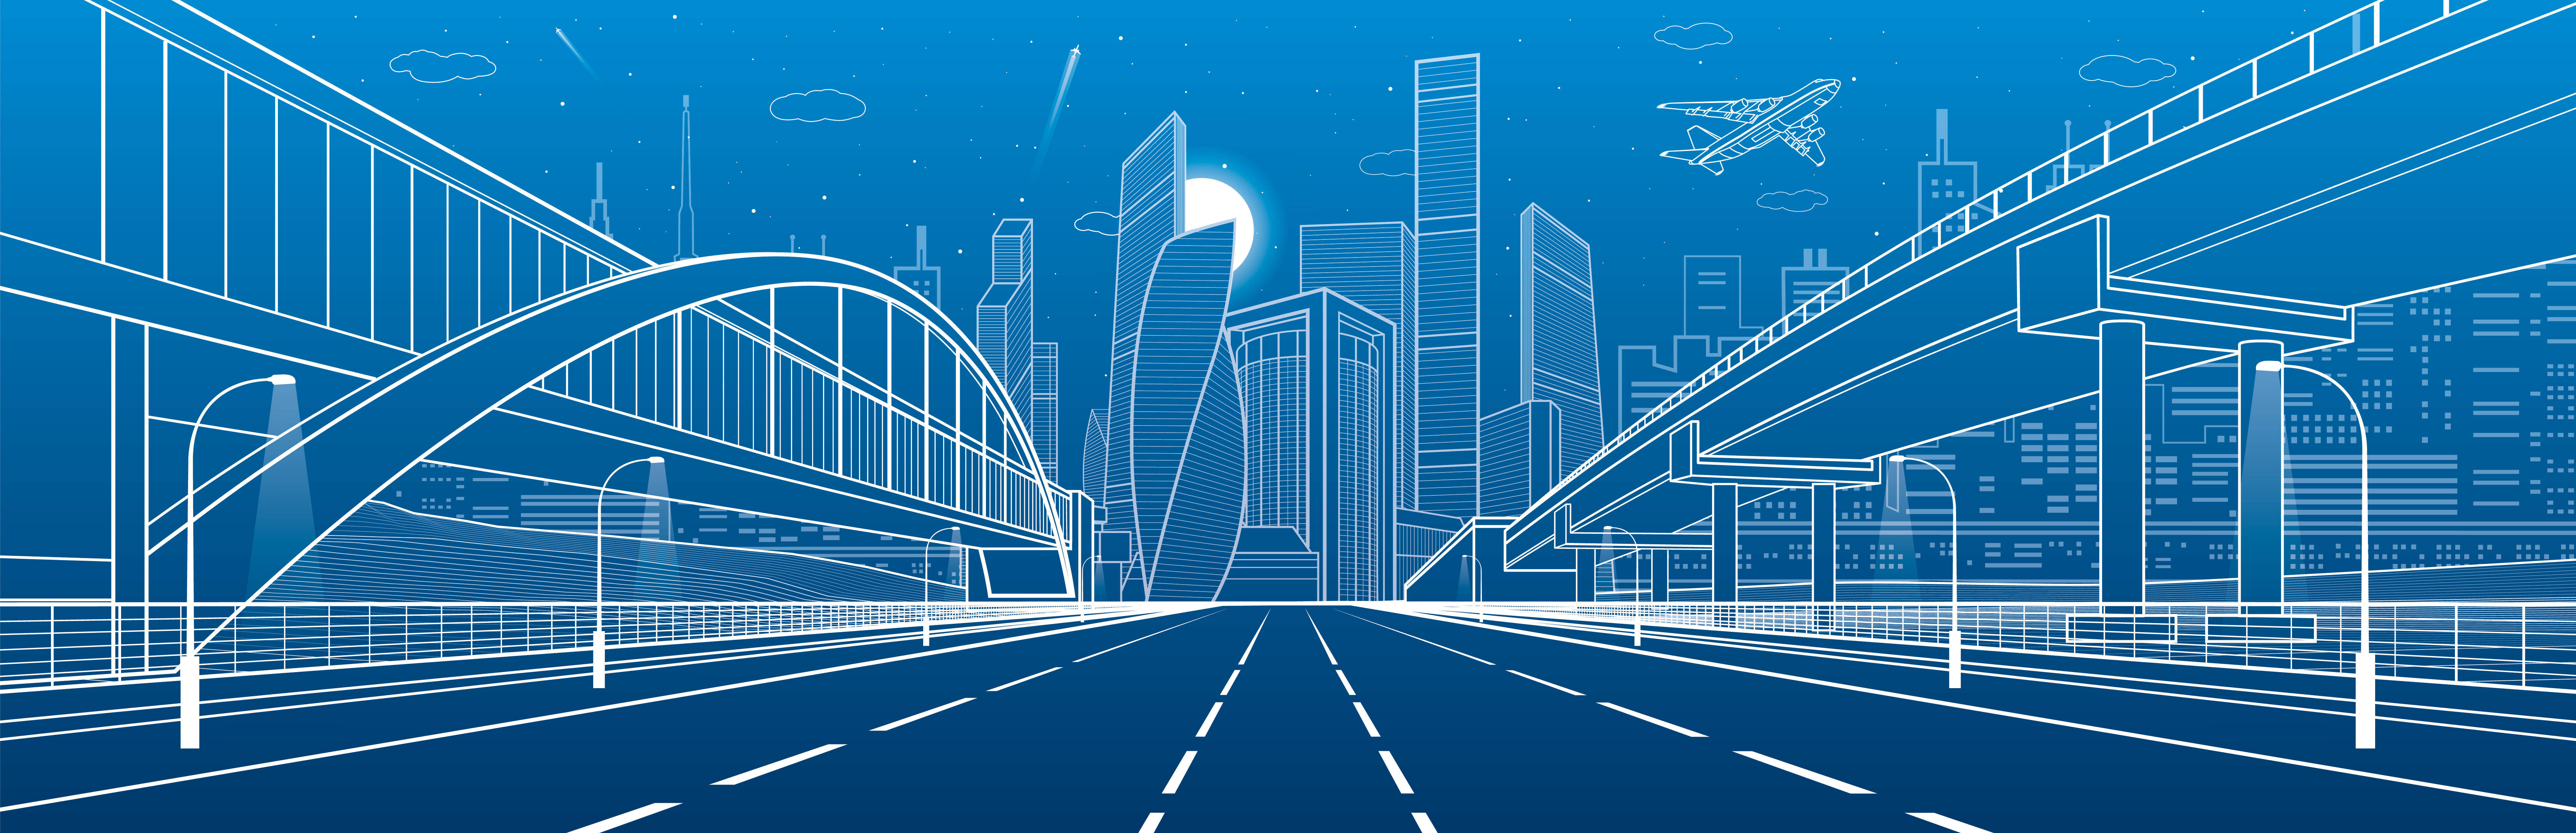 Imagina cómo serán las carreteras del futuro